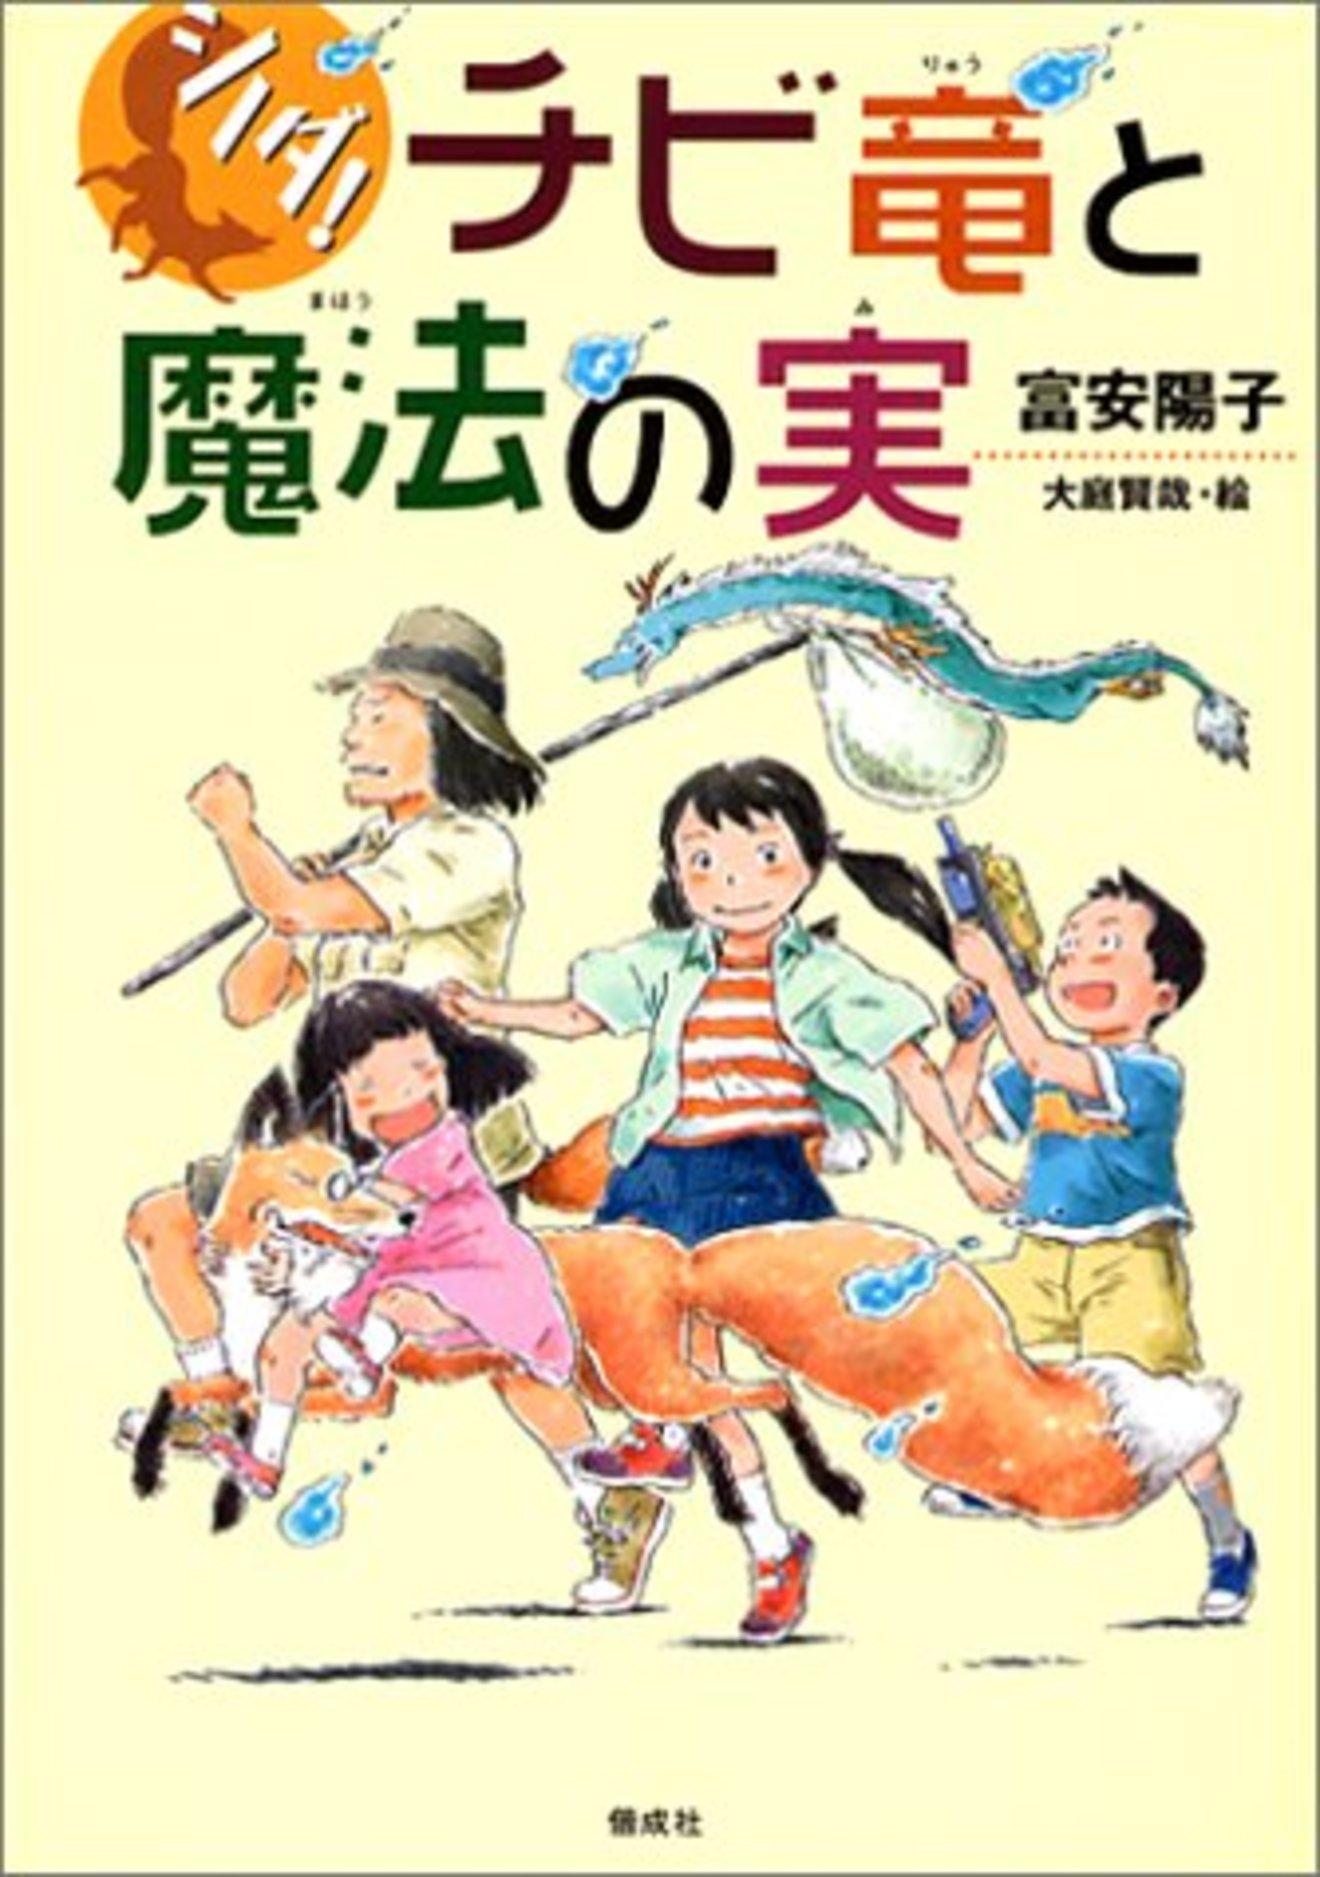 「シノダ!」シリーズの魅力とは。あらすじや登場人物、見どころなどを紹介